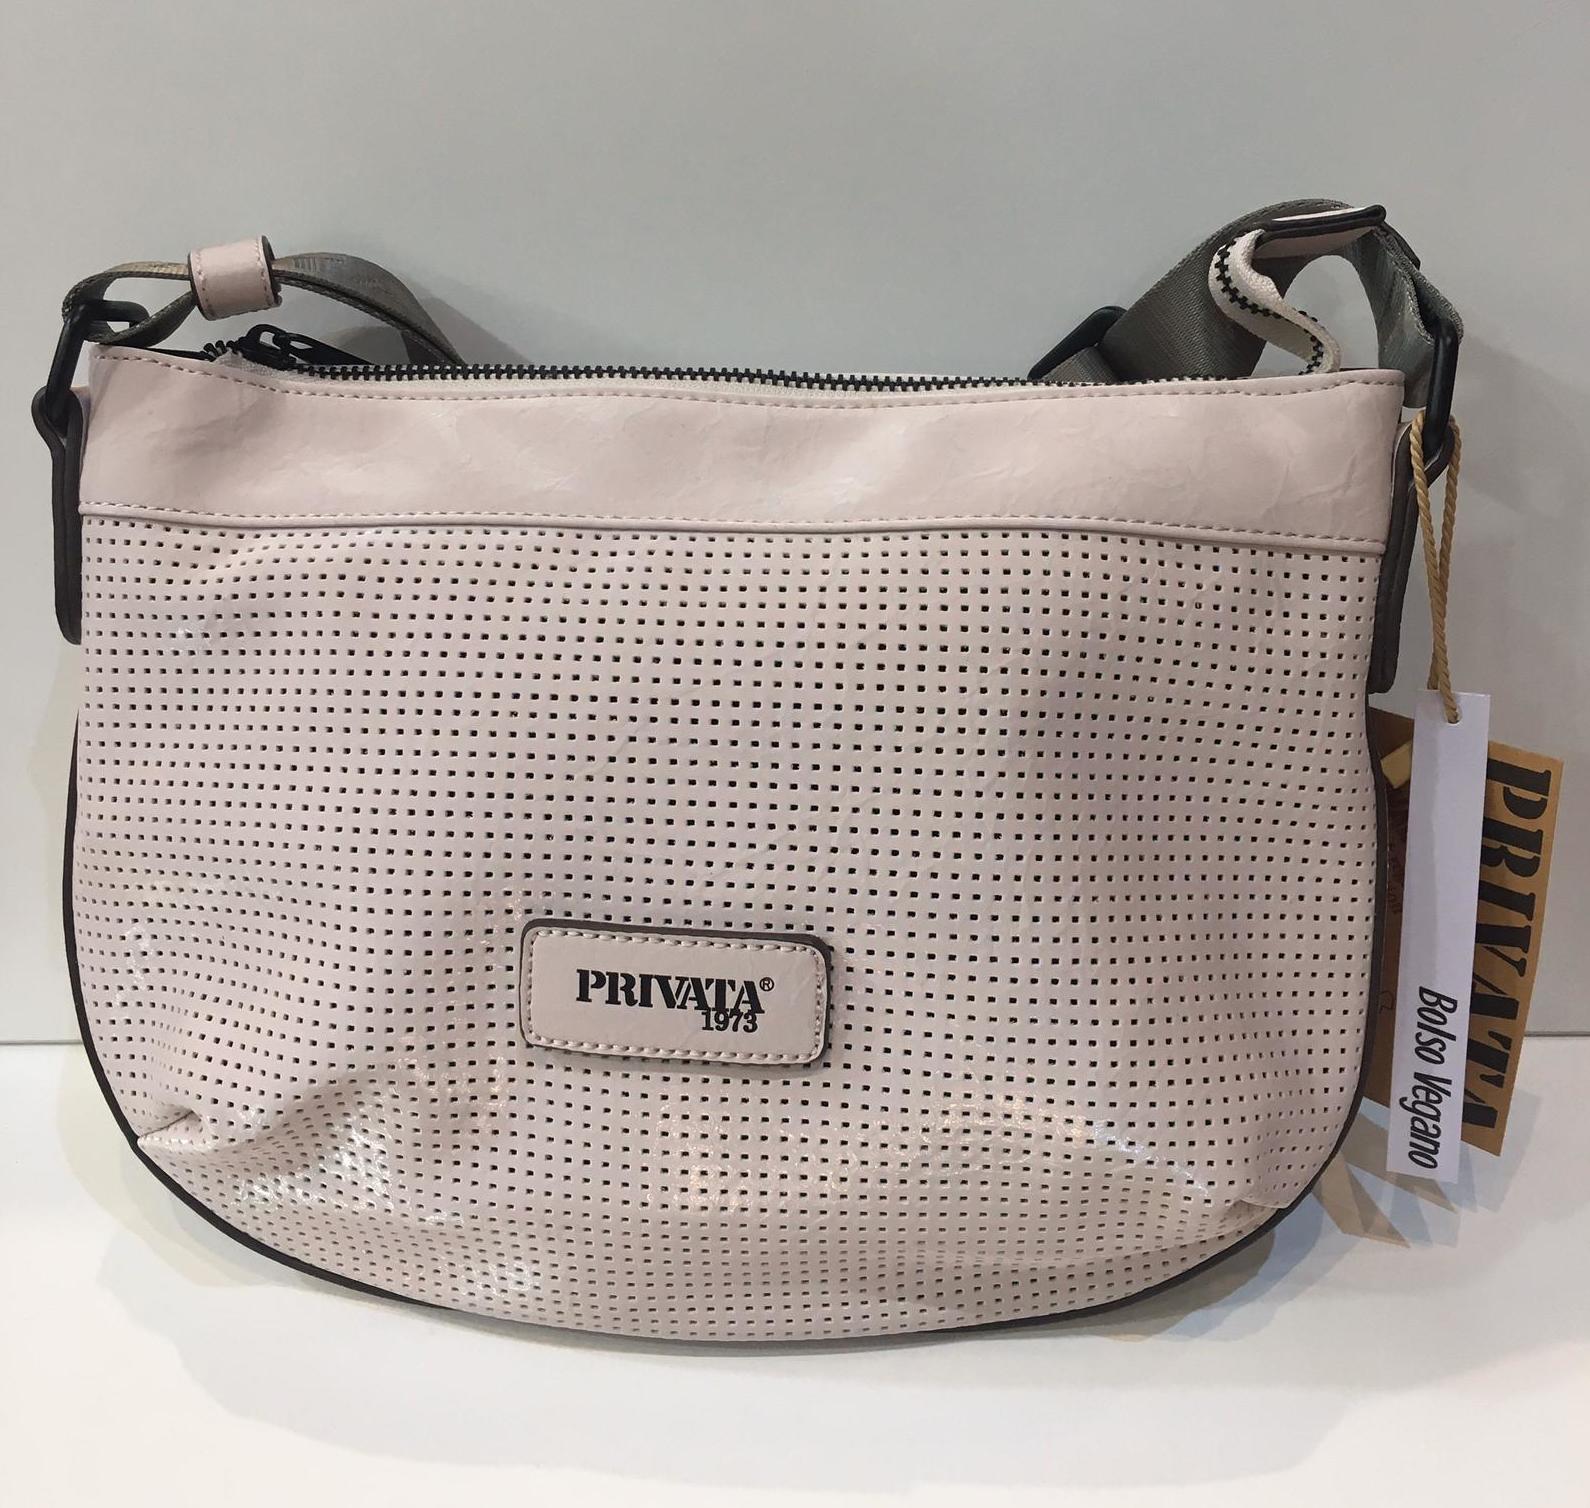 Bossa de la marca Privata, de mida petita, bossa vegana, tira llarga per creuar adaptable a totes les mides 50€